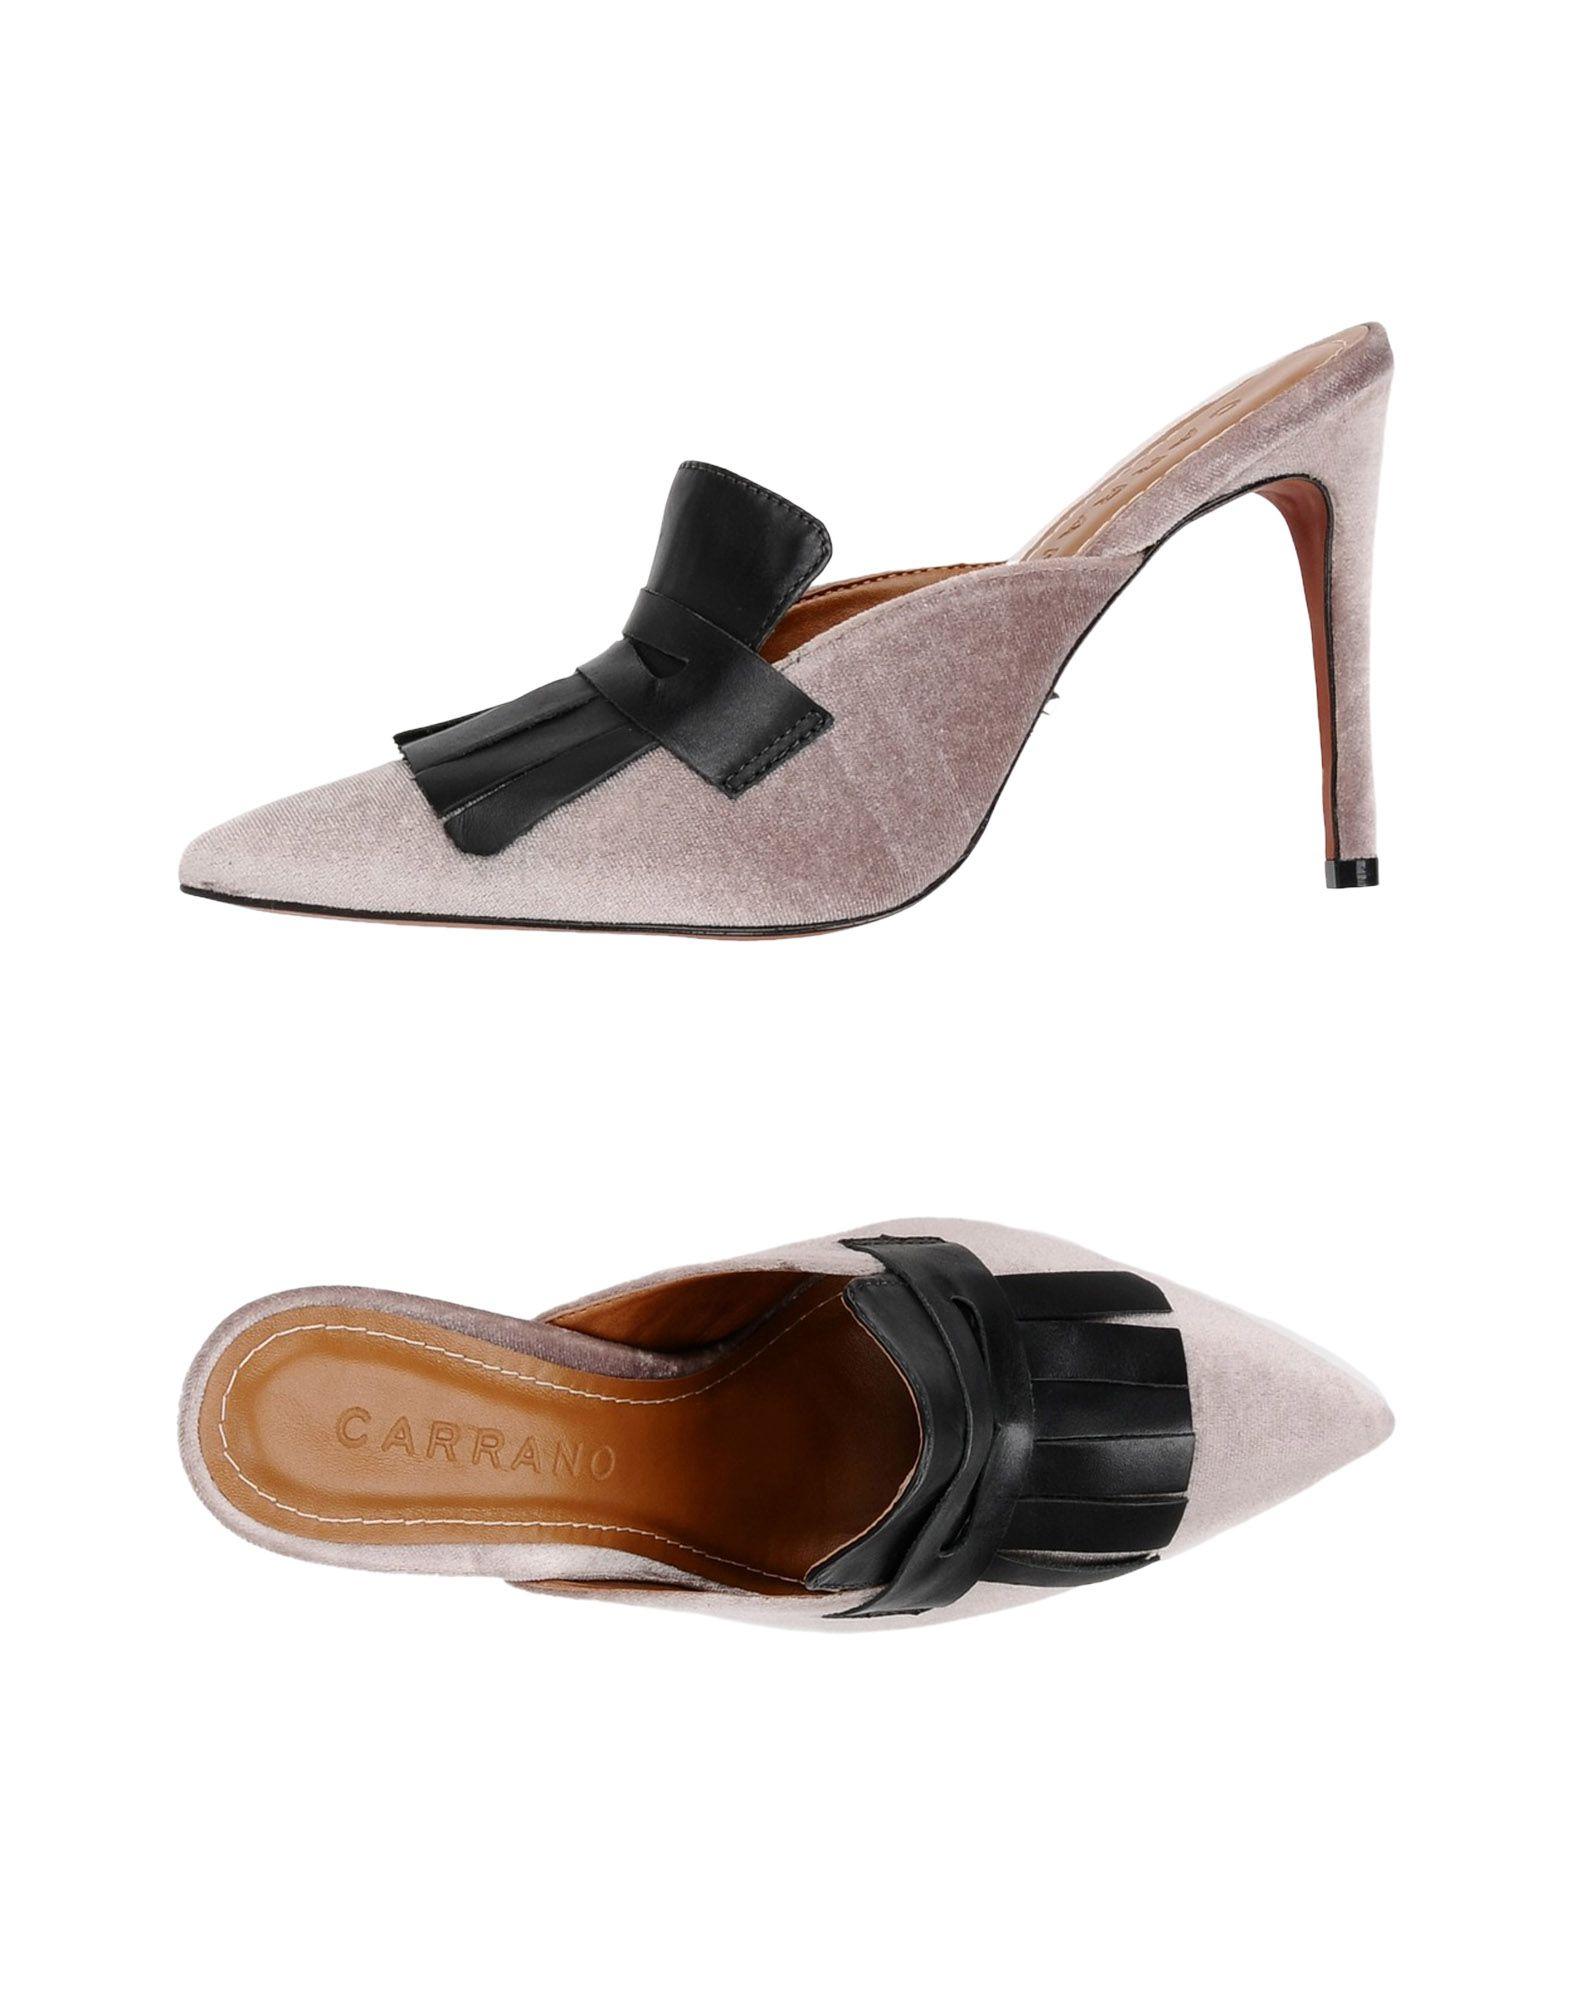 Gut um billige  Schuhe zu tragenCarrano Pantoletten Damen  billige 11334648NX f7dc85